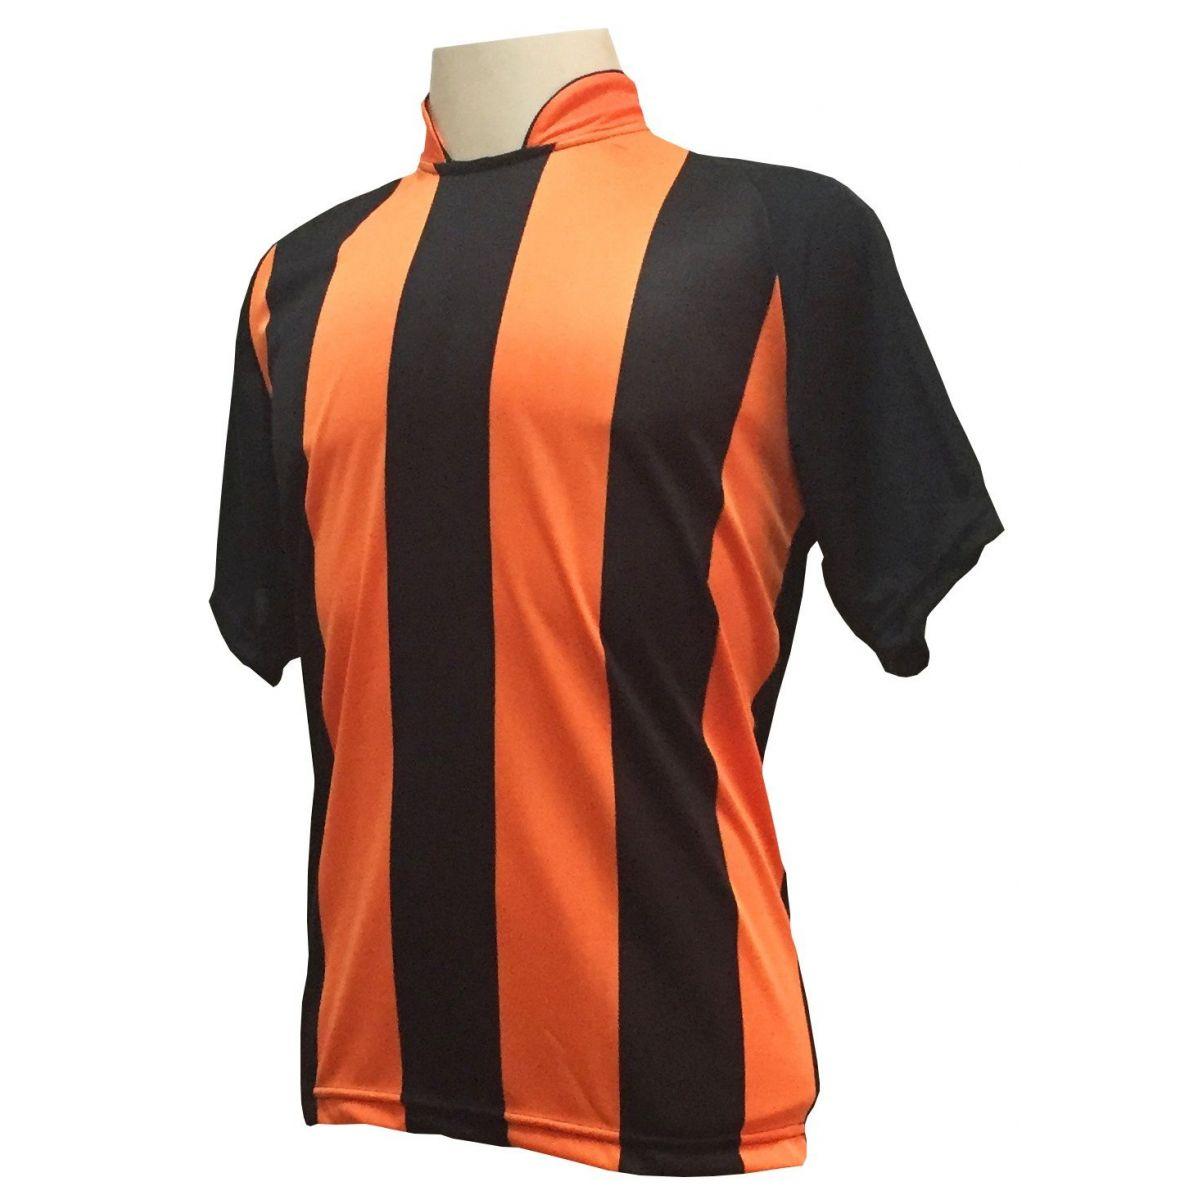 Jogo de Camisa com 18 unidades modelo Milan Preto/Laranja  - ESTAÇÃO DO ESPORTE